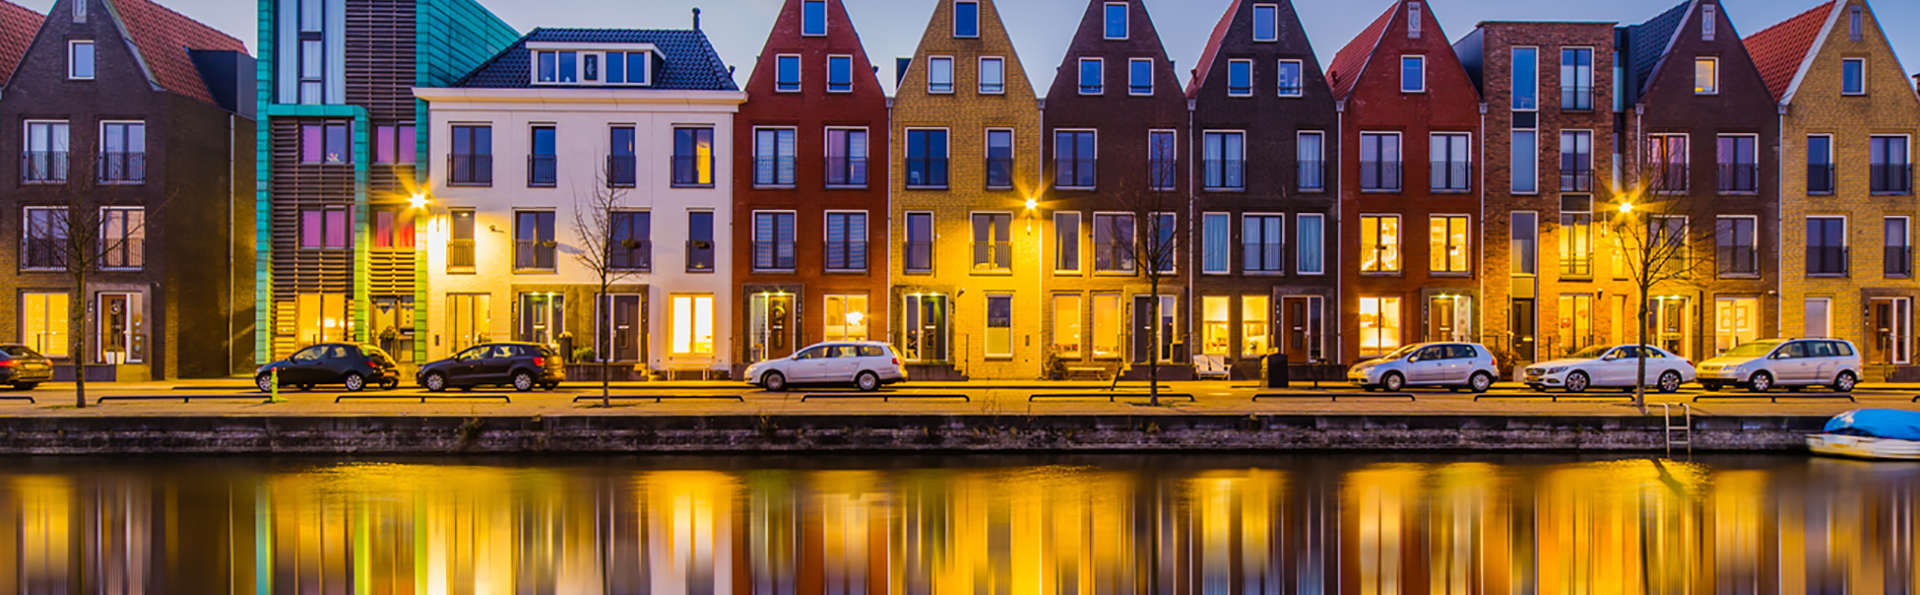 Best Western Plus Berghotel Amersfoort - EDIT_NEW2_DESTINATION.jpg